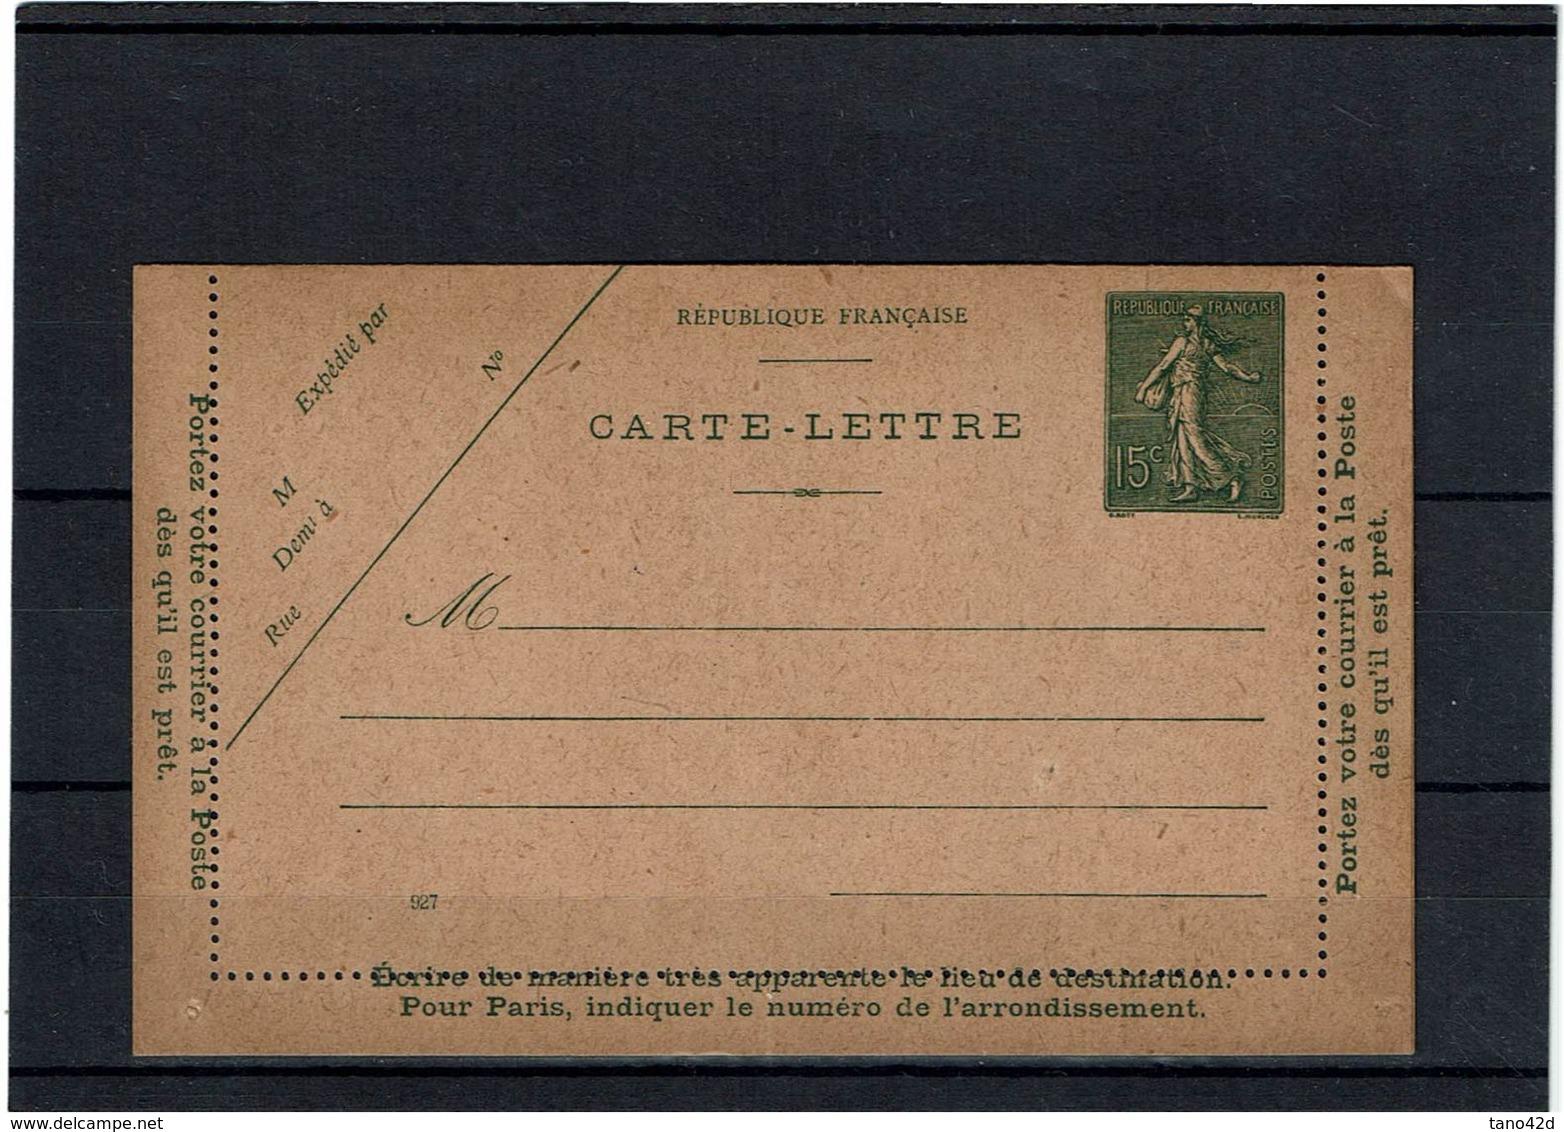 CTN27 - CARTE LETTRE SEMEUSE LIGNEE 15c DATE 927 NEUVE STORCH B8 TTB - Cartes-lettres